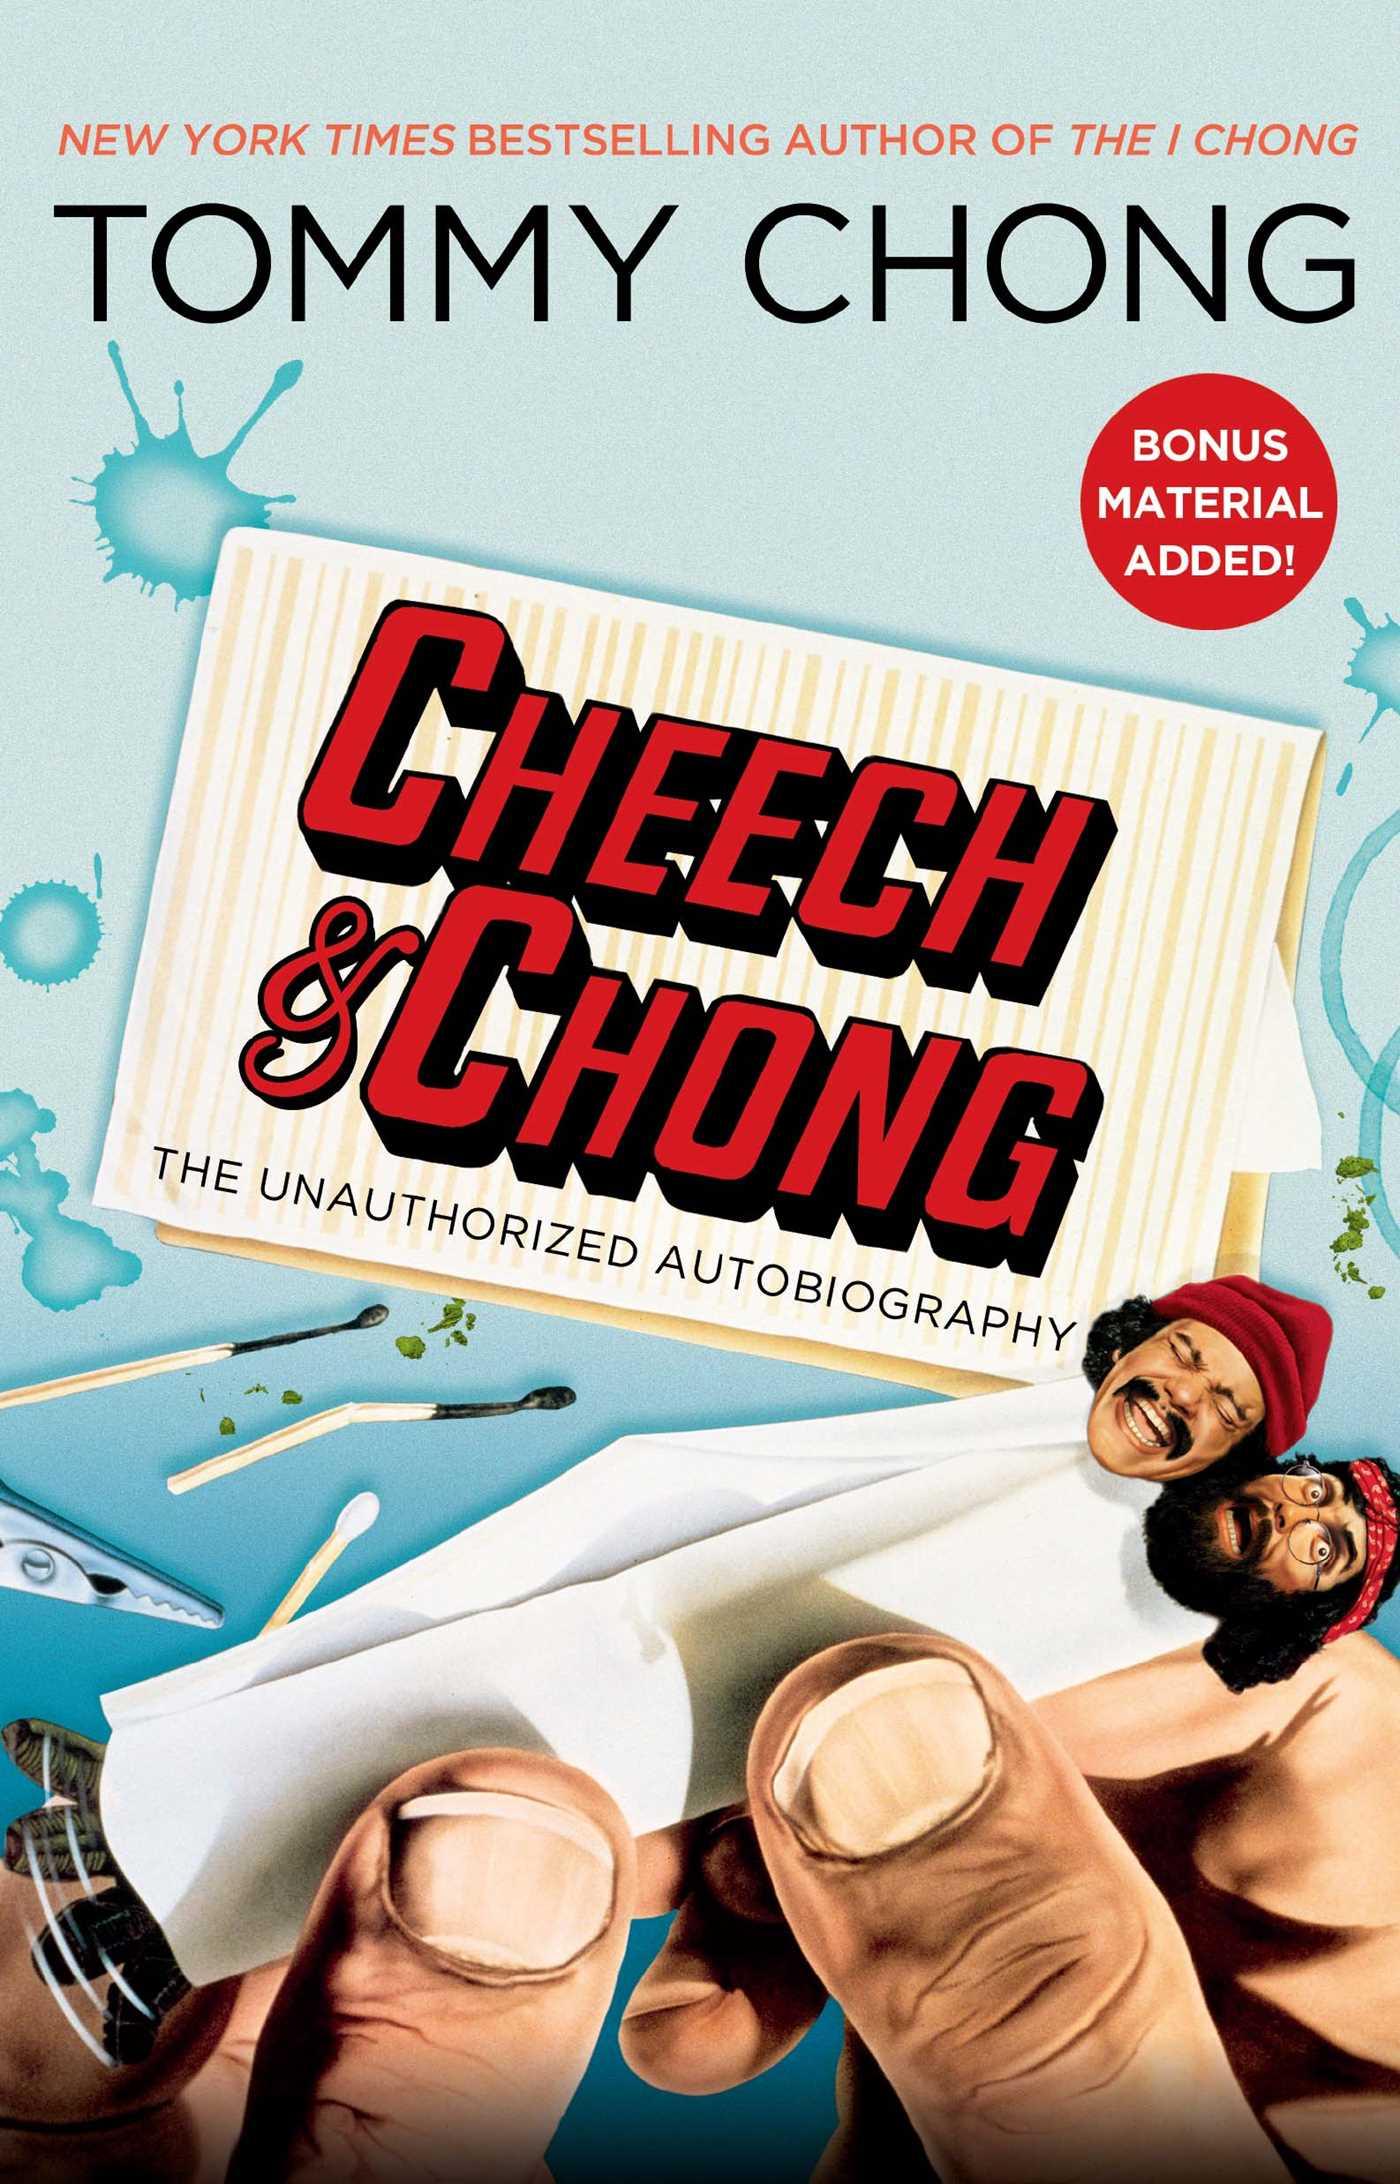 Cheech And Chong HD wallpapers, Desktop wallpaper - most viewed